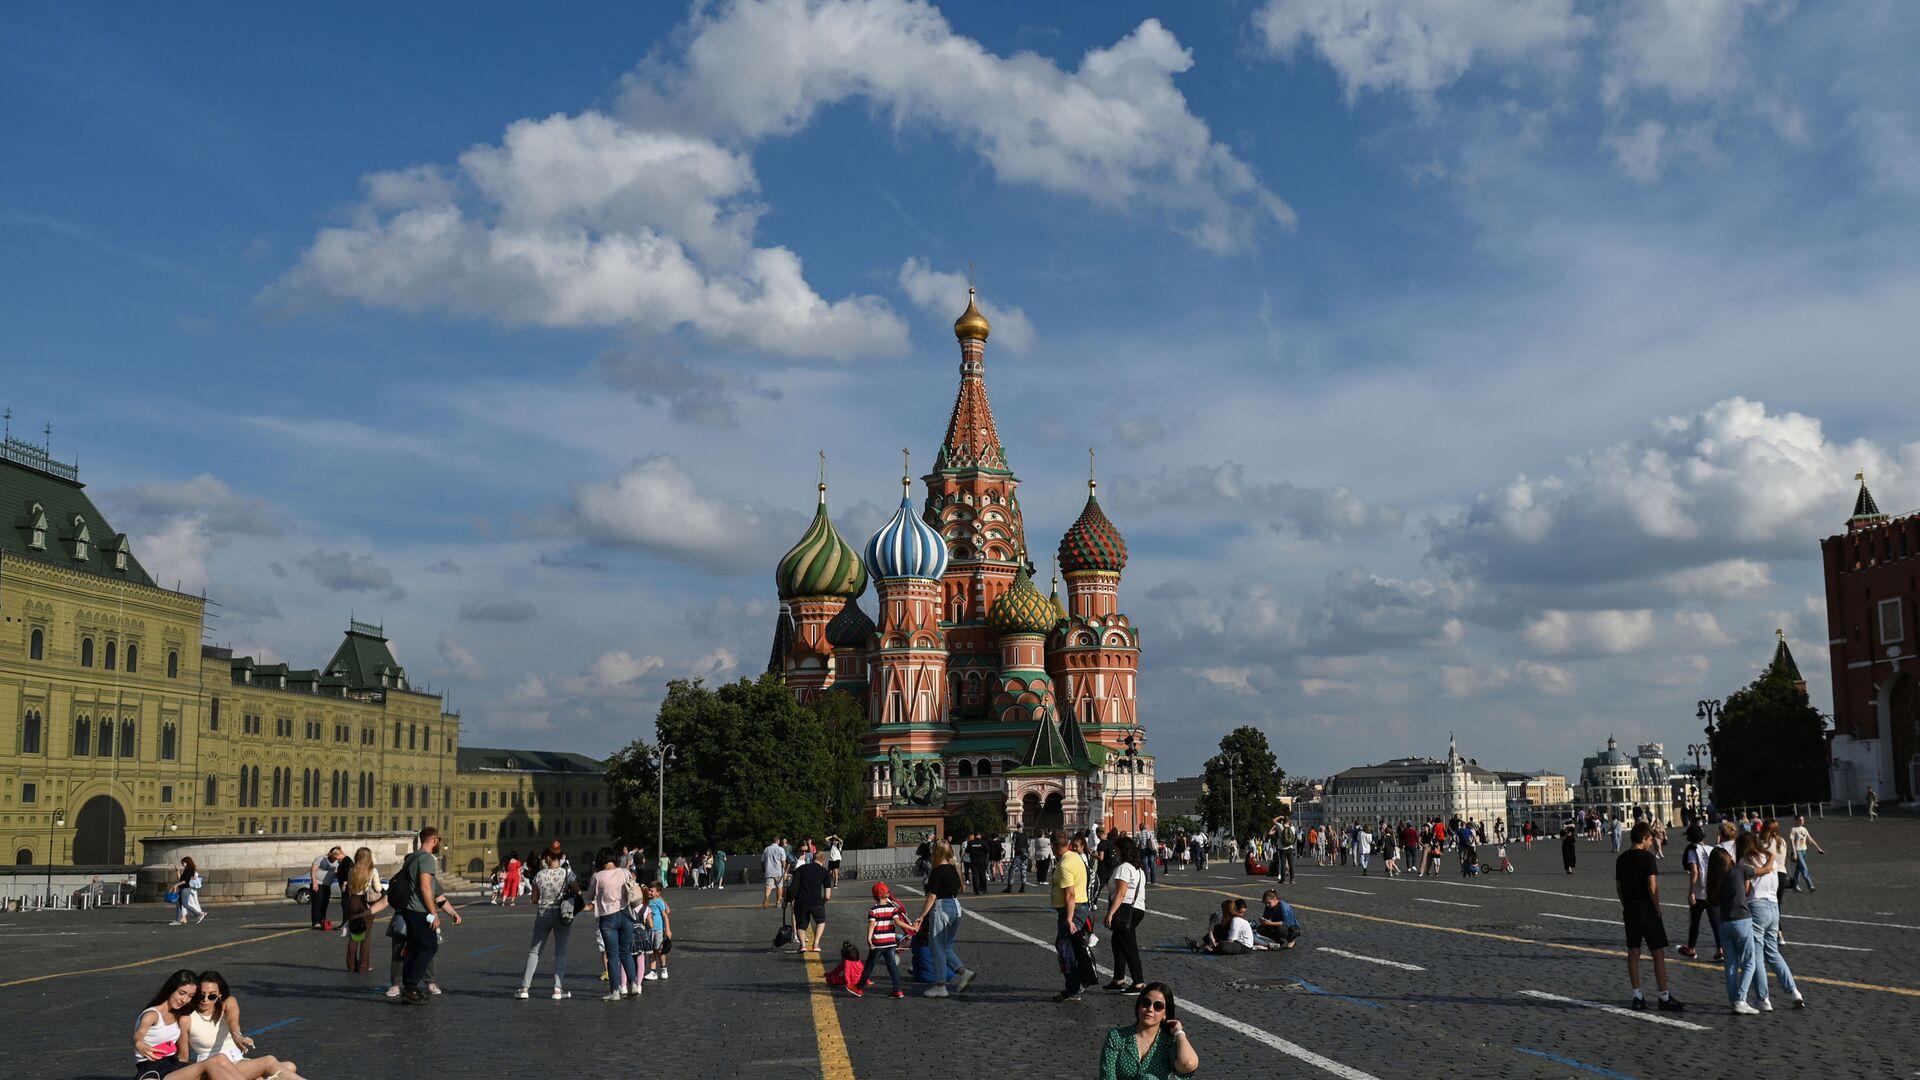 Moscou, la place Rouge, le 29 juillet 2021 - Sputnik France, 1920, 13.08.2021